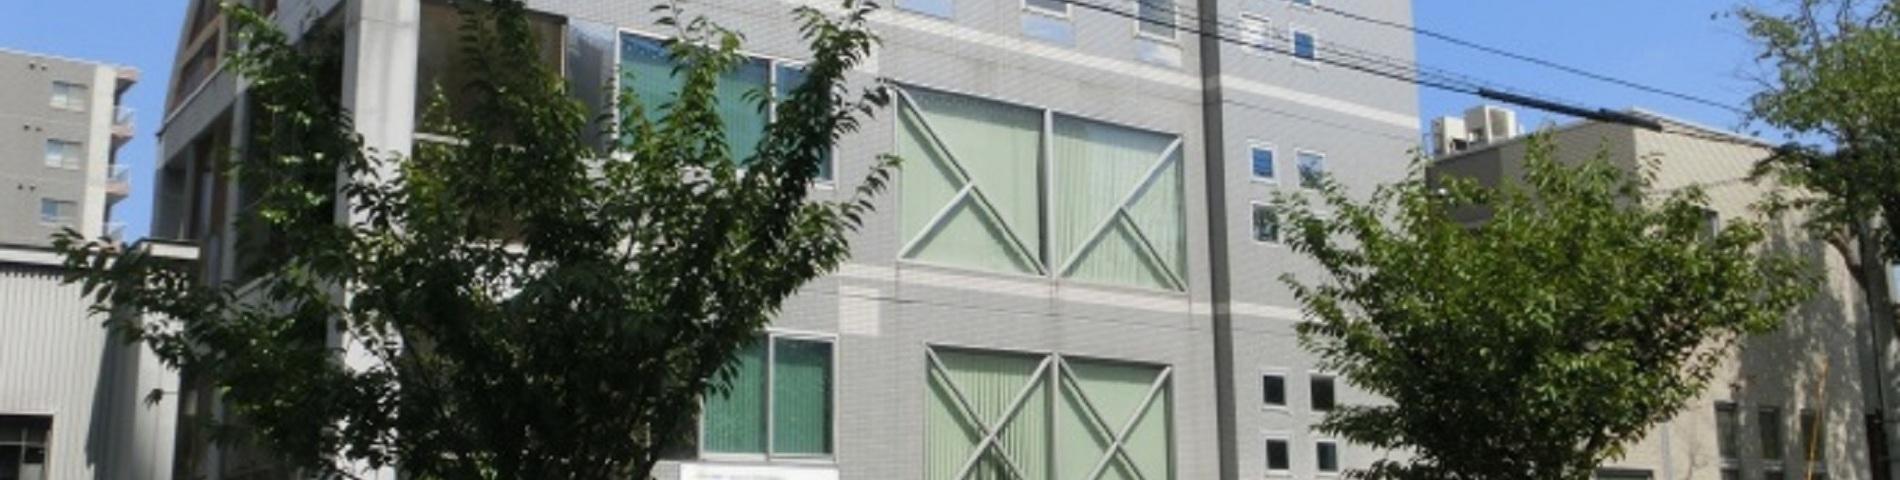 Japanese Language Institute of Sapporo immagine 1